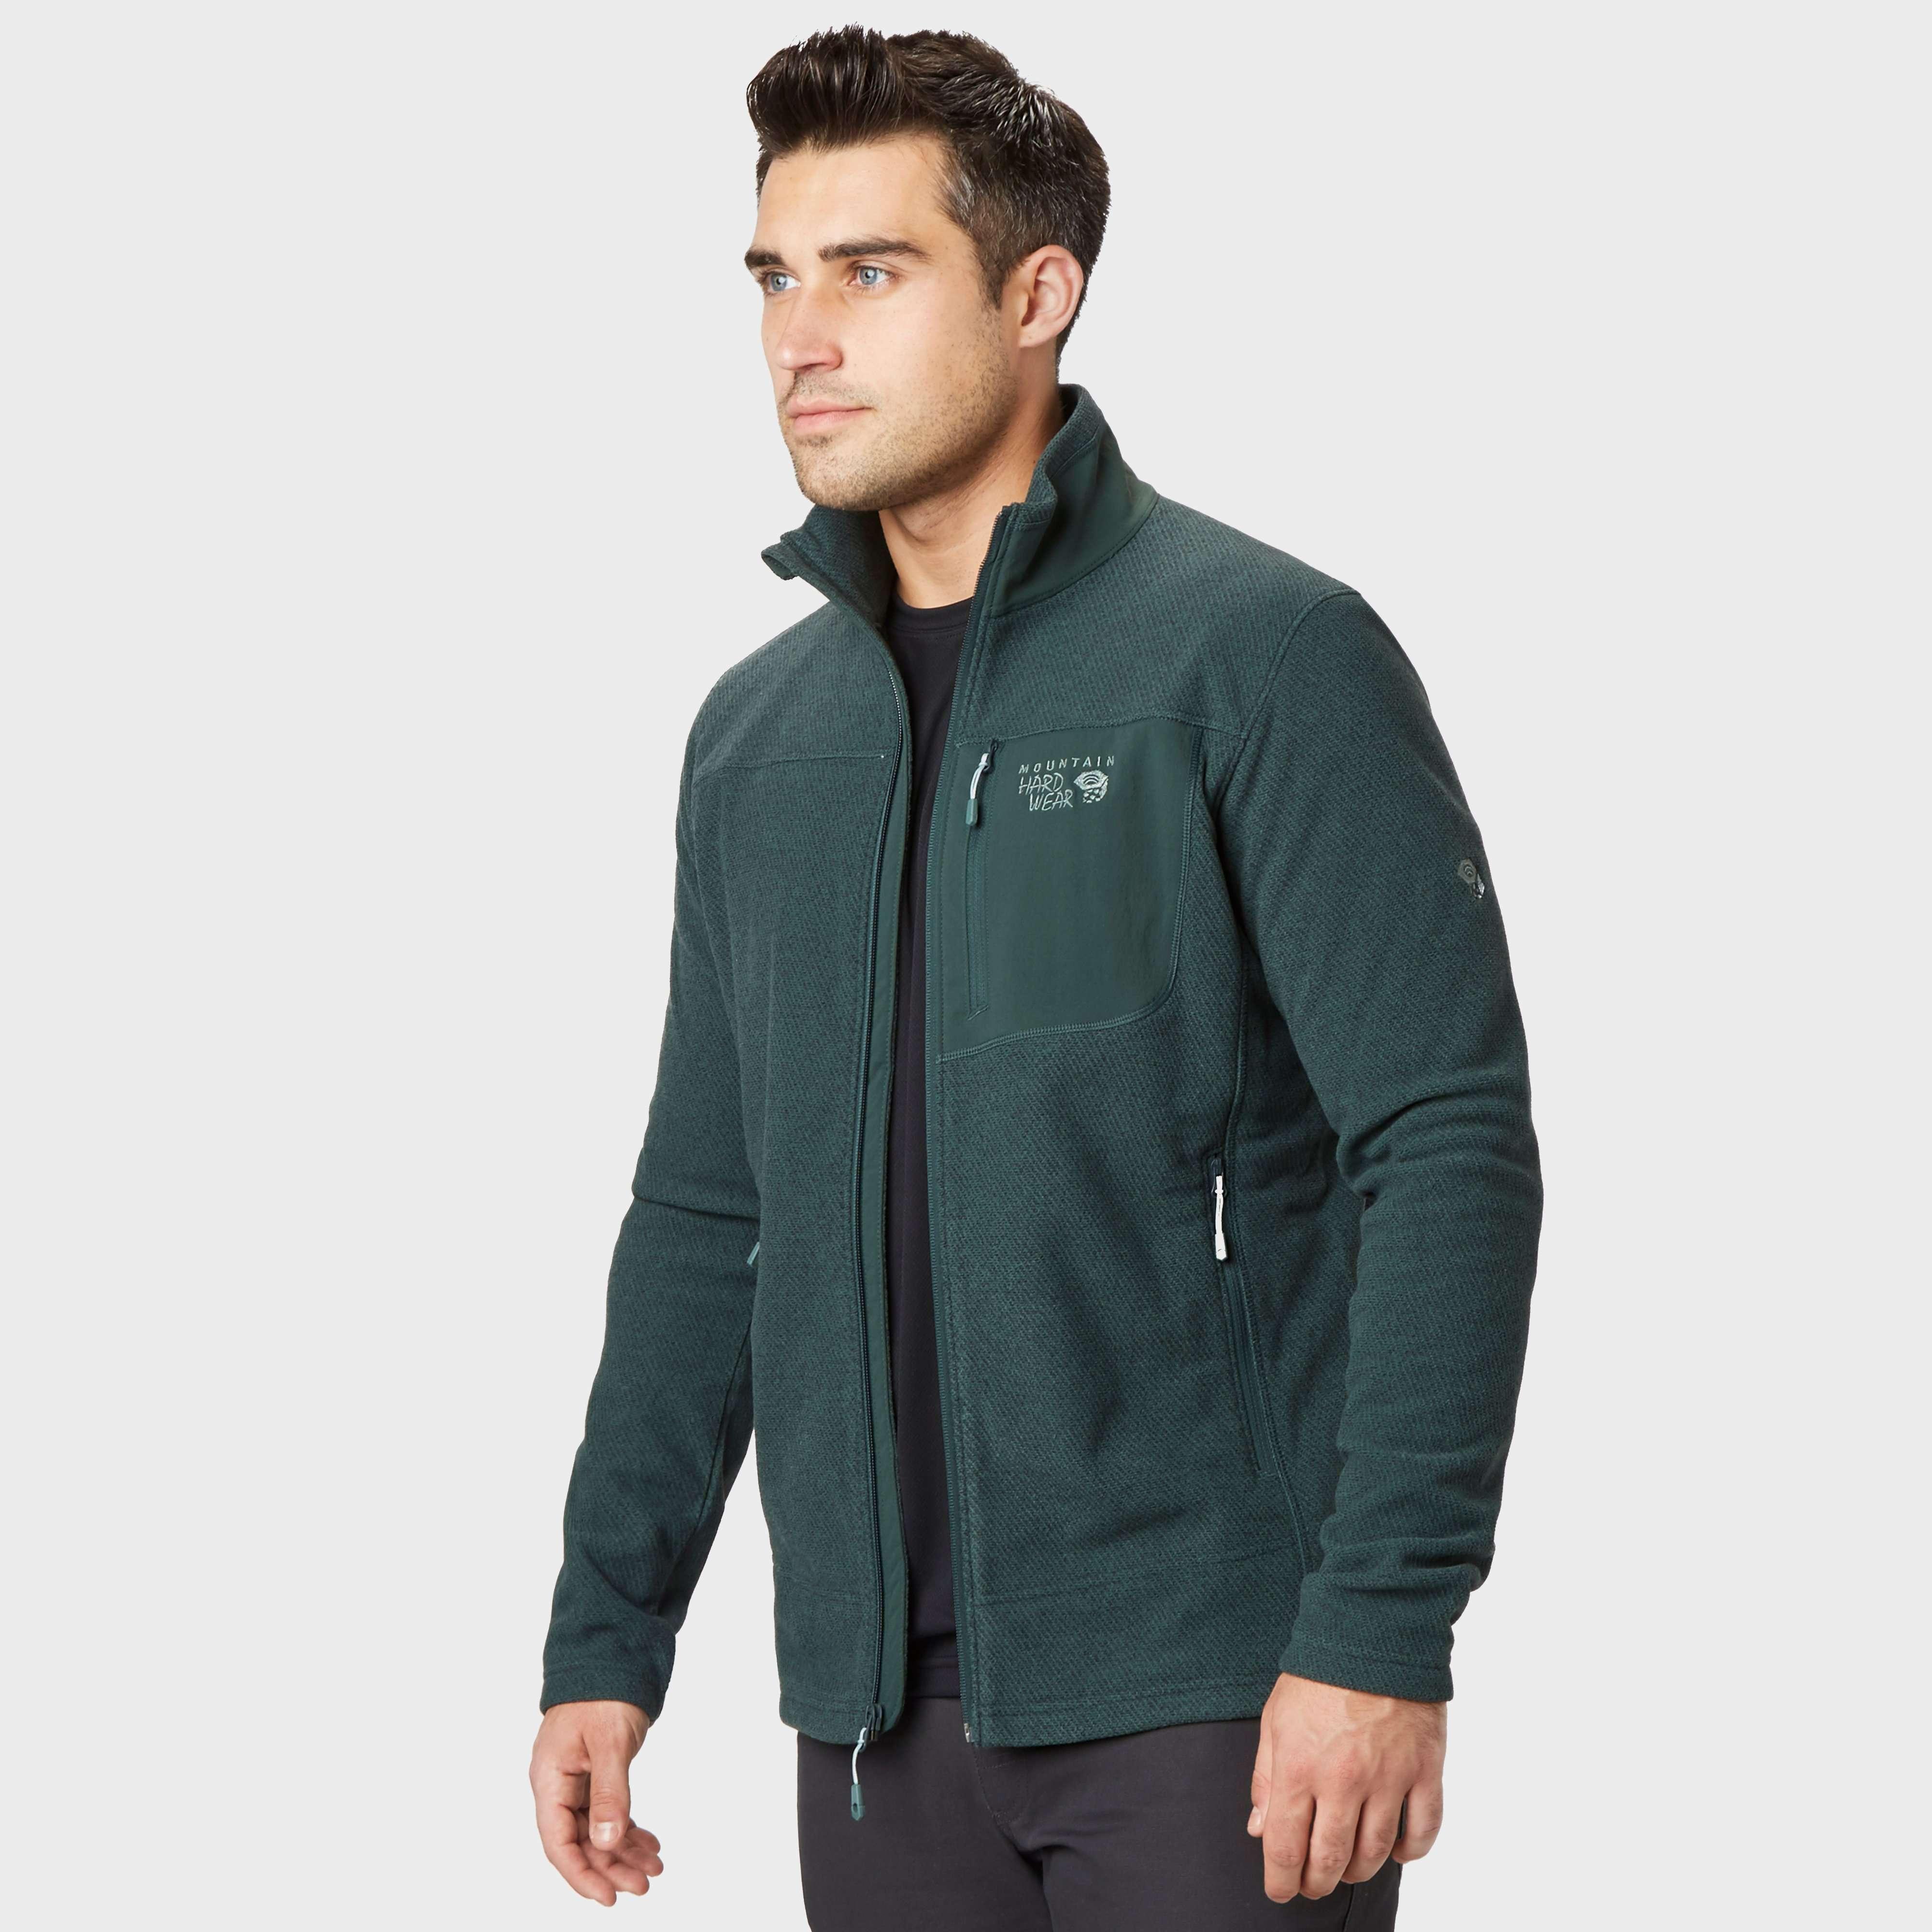 MOUNTAIN HARDWEAR Men's Toasty Twill™ Jacket